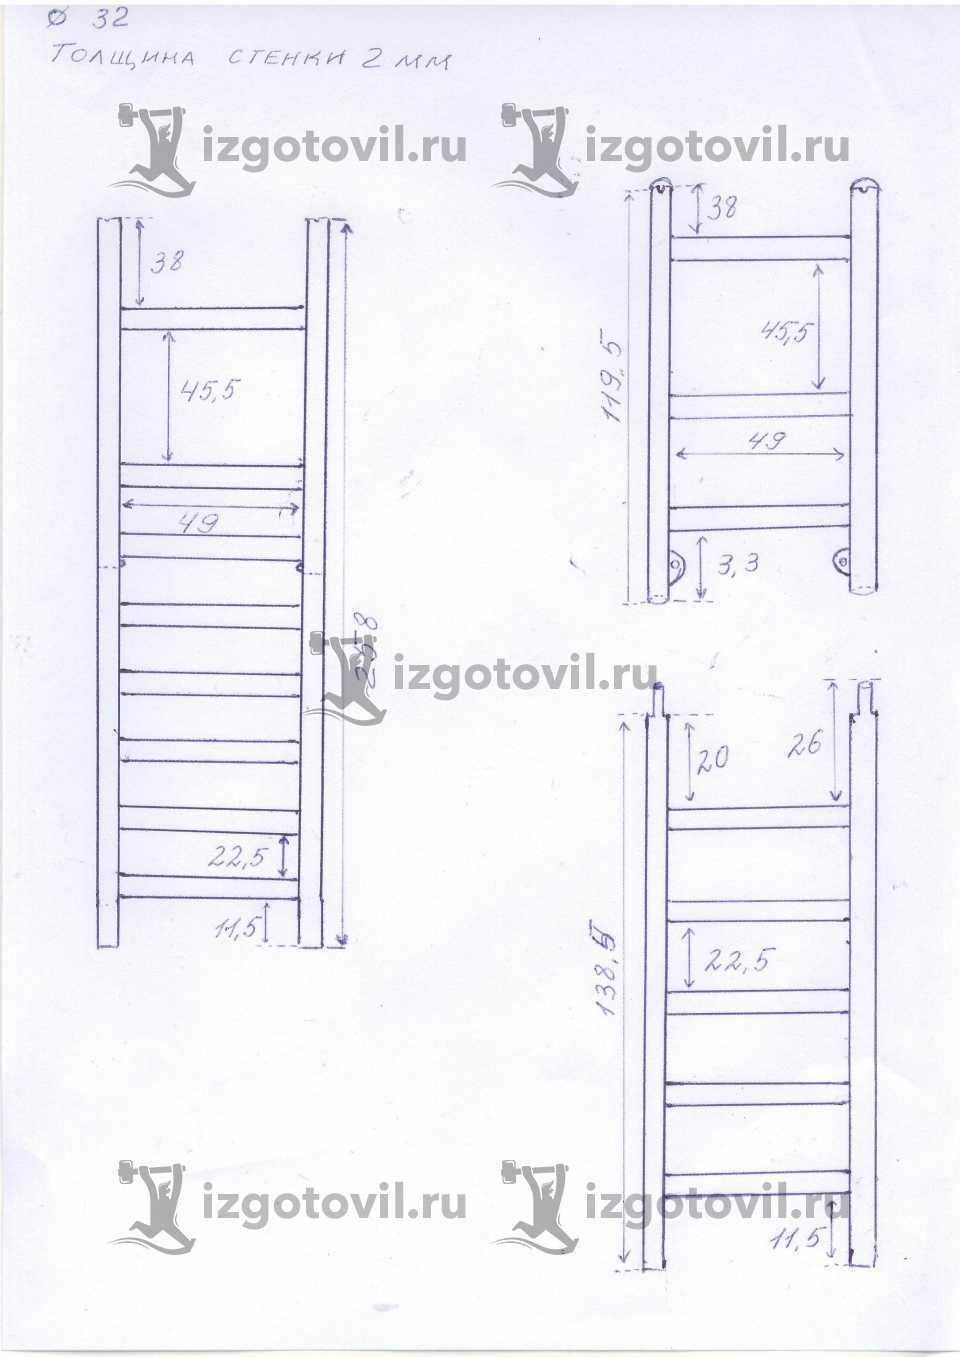 Изготовление металлоконструкций - изготовить лесенки